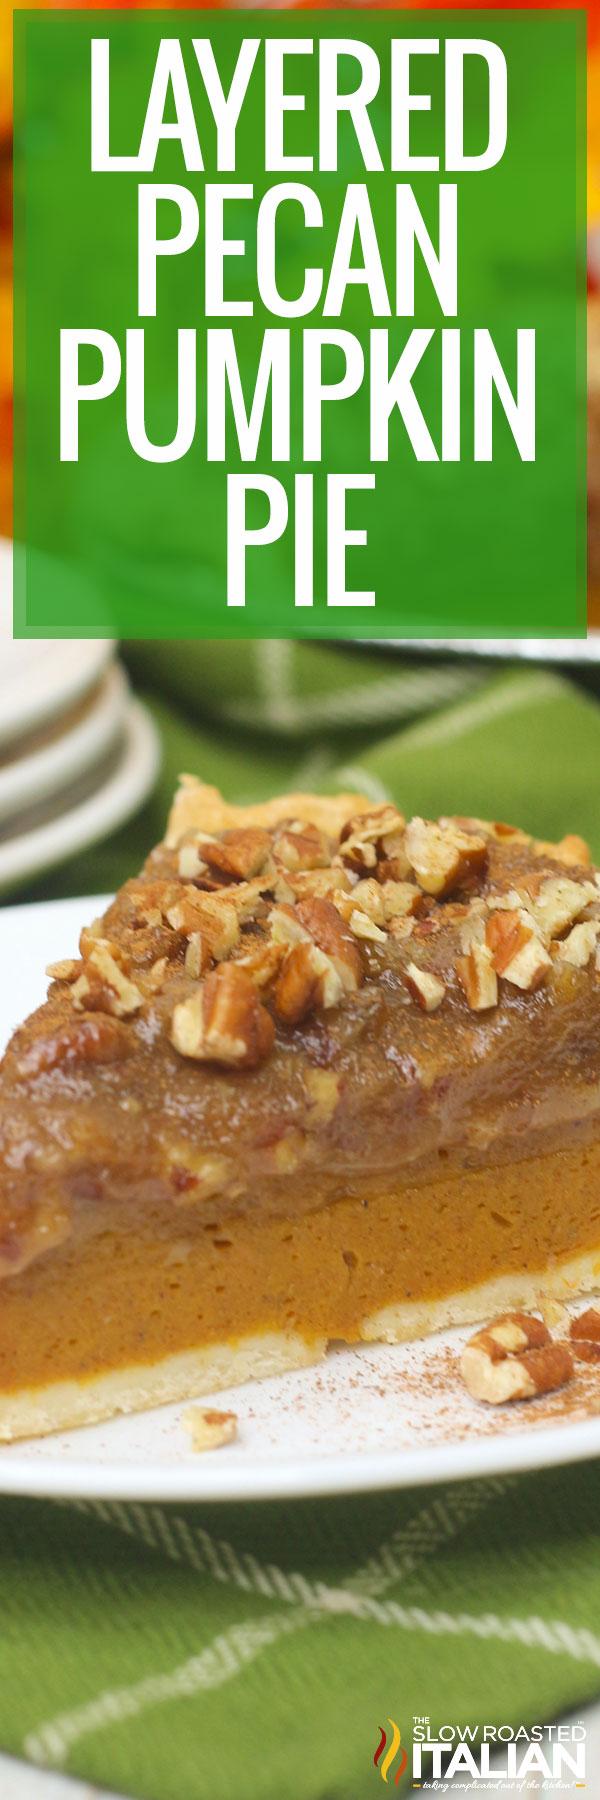 collage photo: layered pecan pumpkin pie